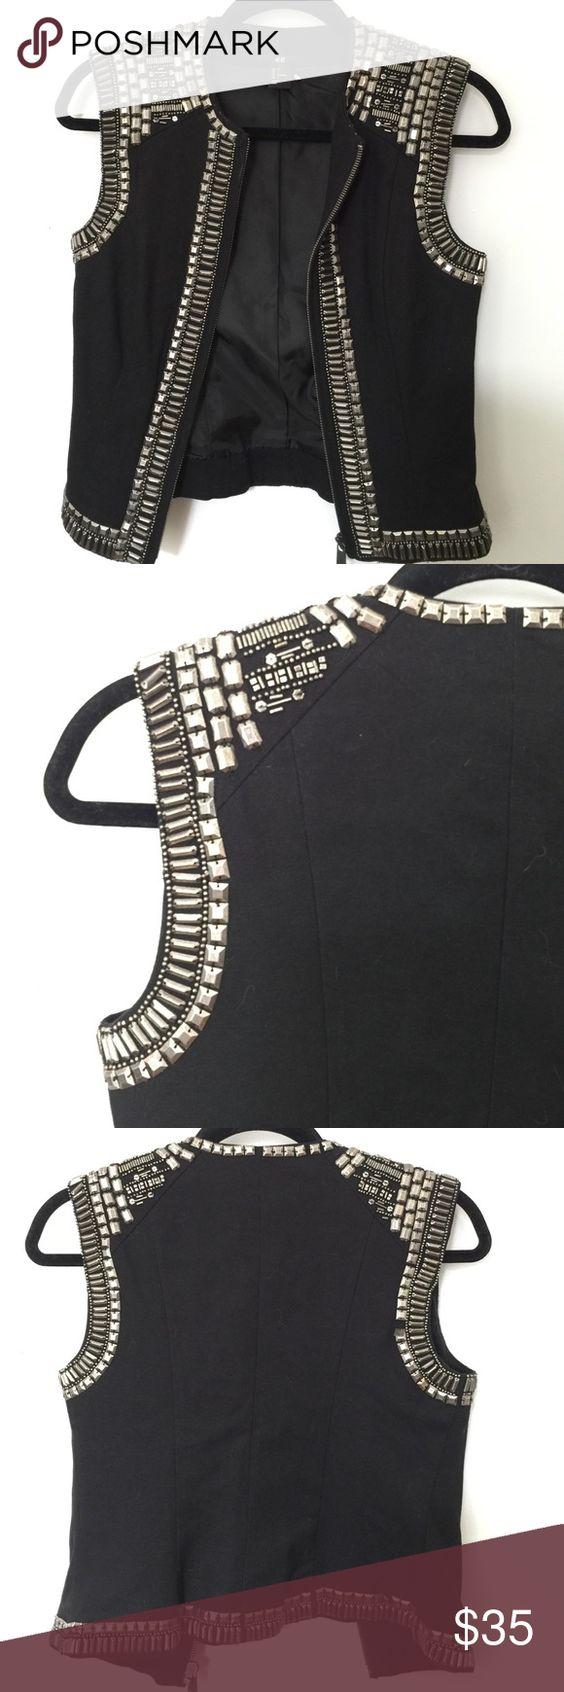 H&M Embellished Zip Up Vest Jacket Rare H&M Embellished Zip Up Vest Jacket. Size 4. Amazing statement piece! Lightly worn. H&M Jackets & Coats Vests